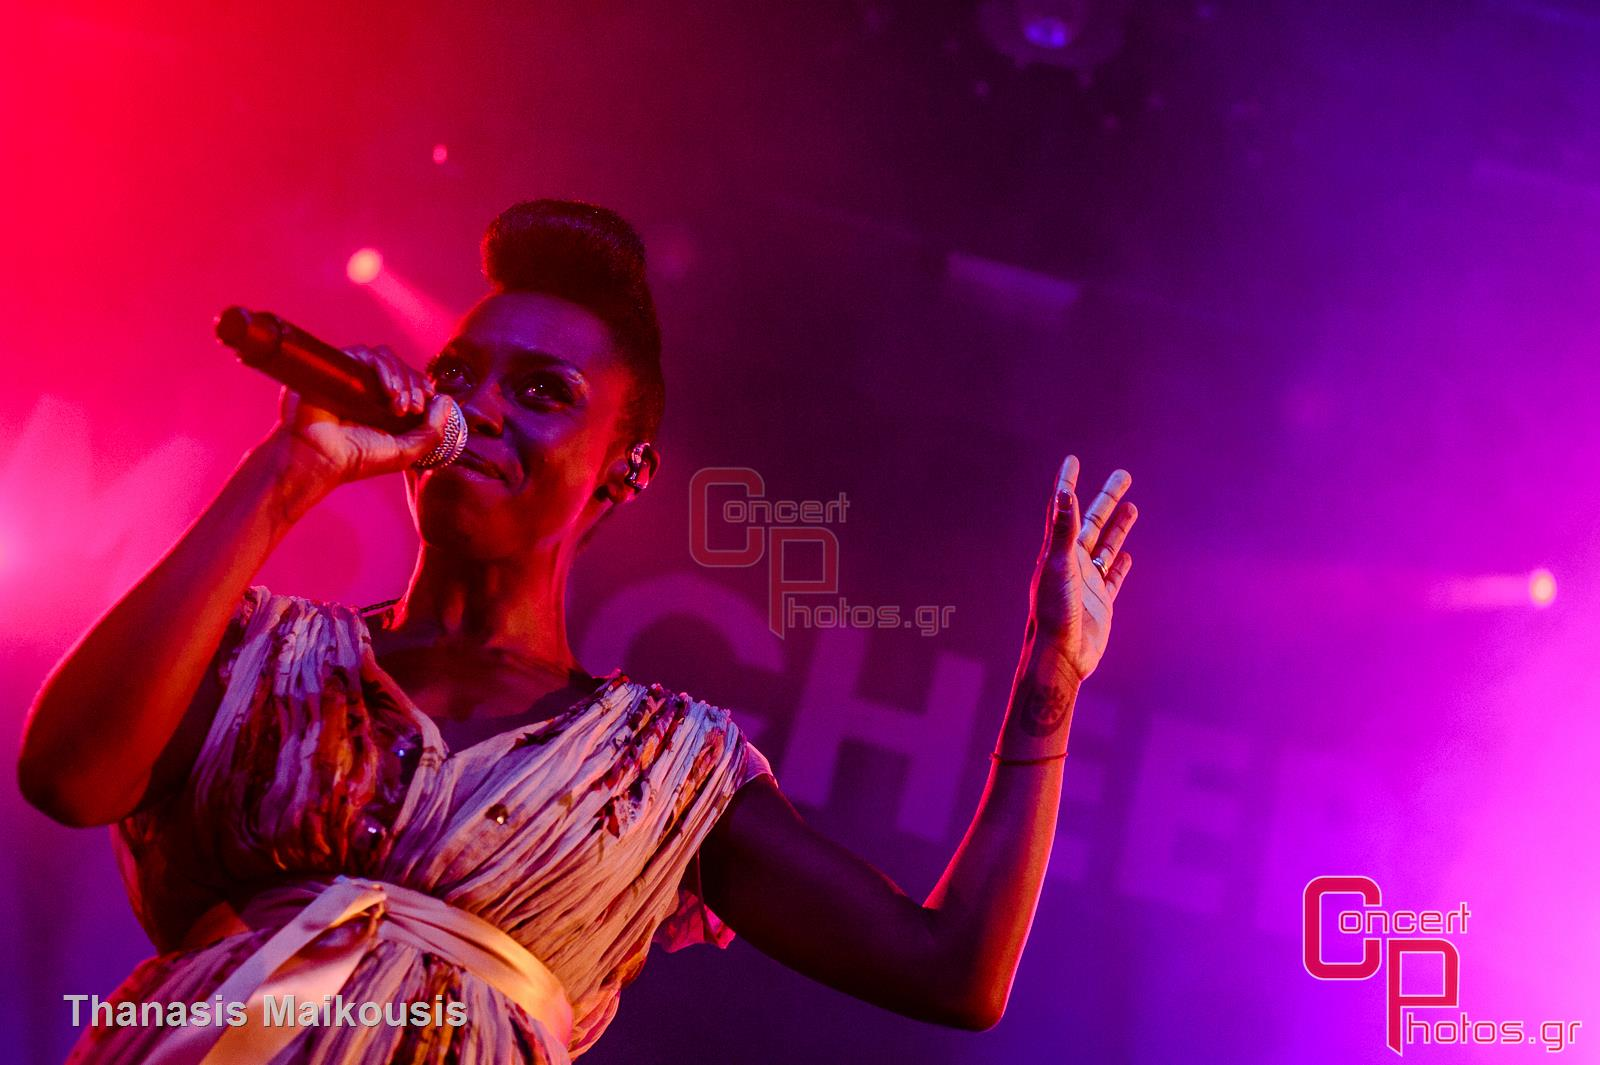 Morcheeba-Morcheeba Gagarin photographer: Thanasis Maikousis - ConcertPhotos-1395